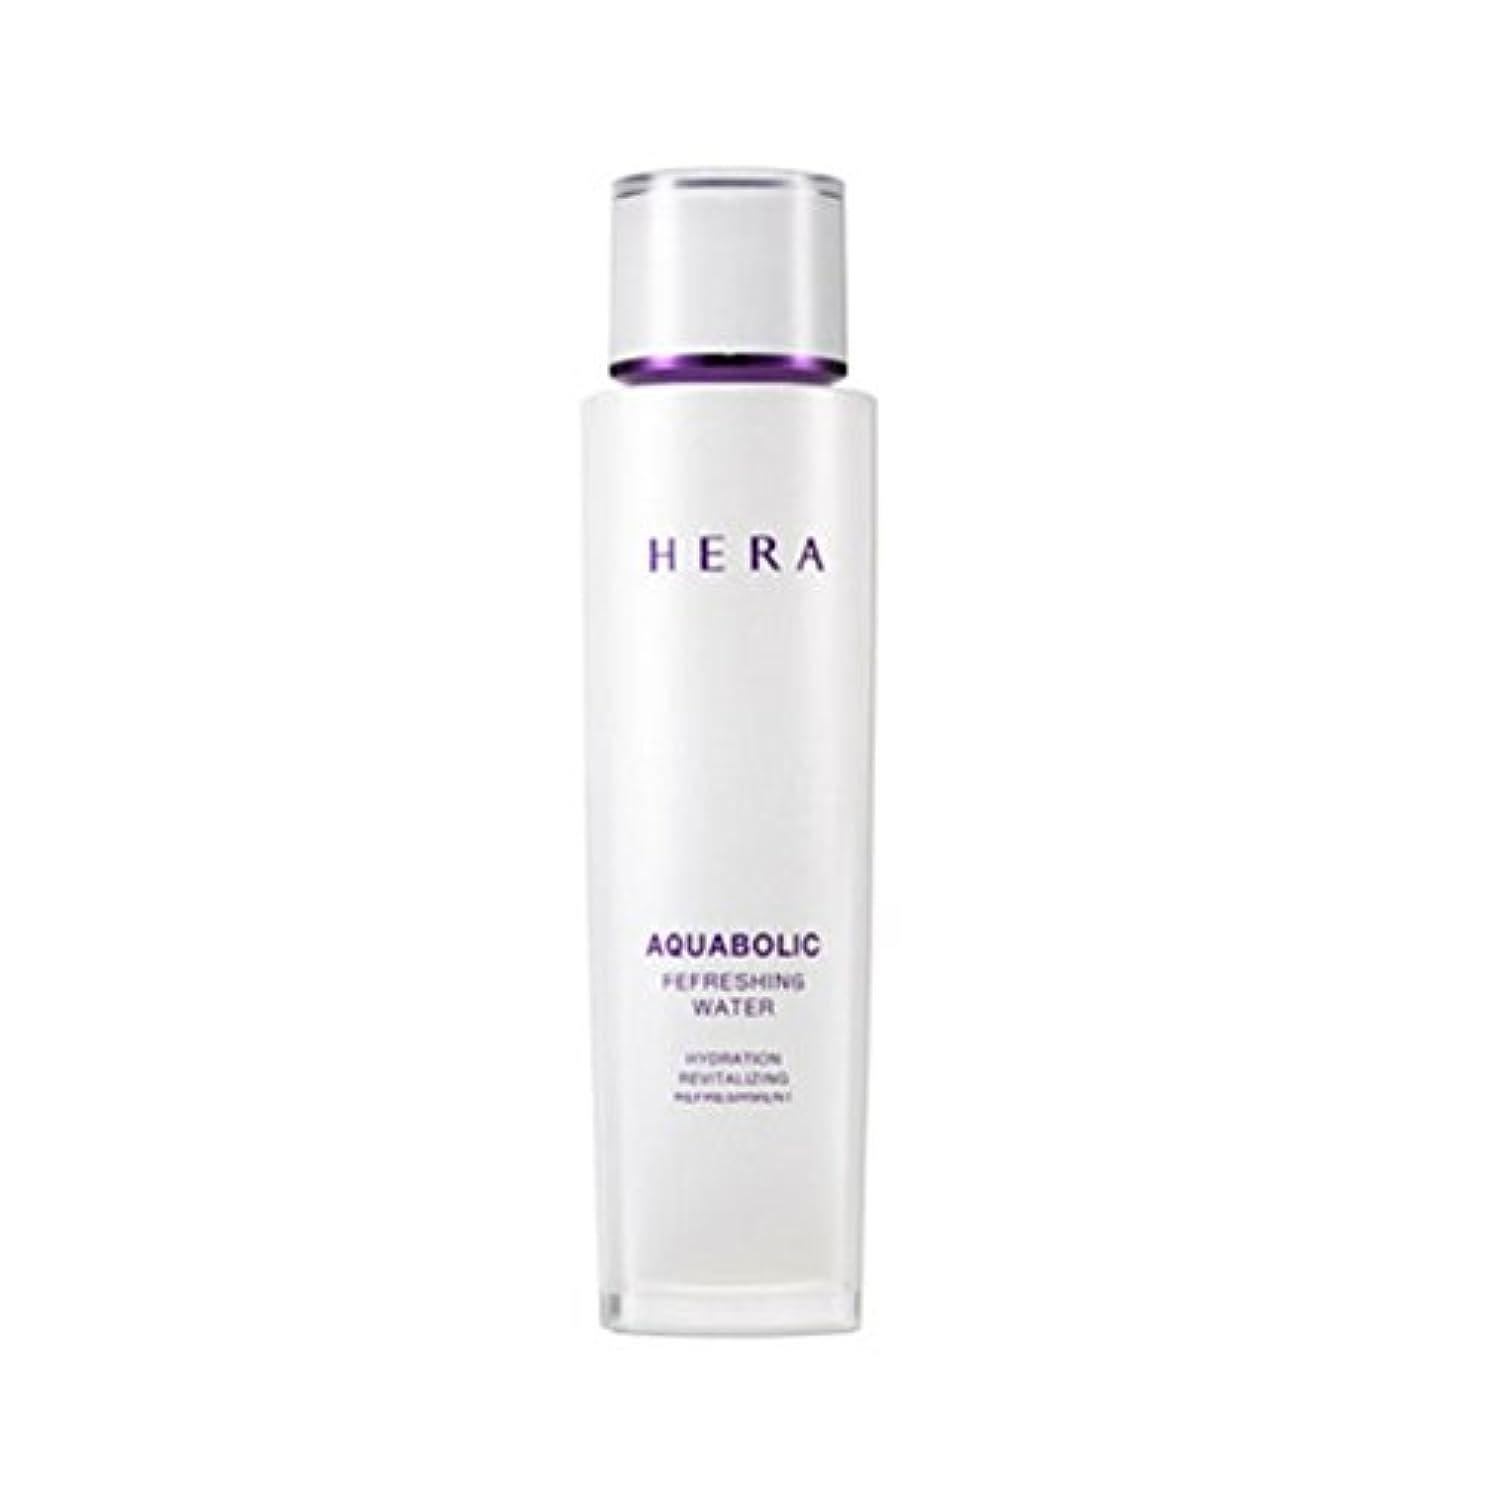 スポット懇願する道(ヘラ) HERA Aquabolic Refreshing Water アクアボリックリフレッシュウォーター (韓国直発送) oopspanda